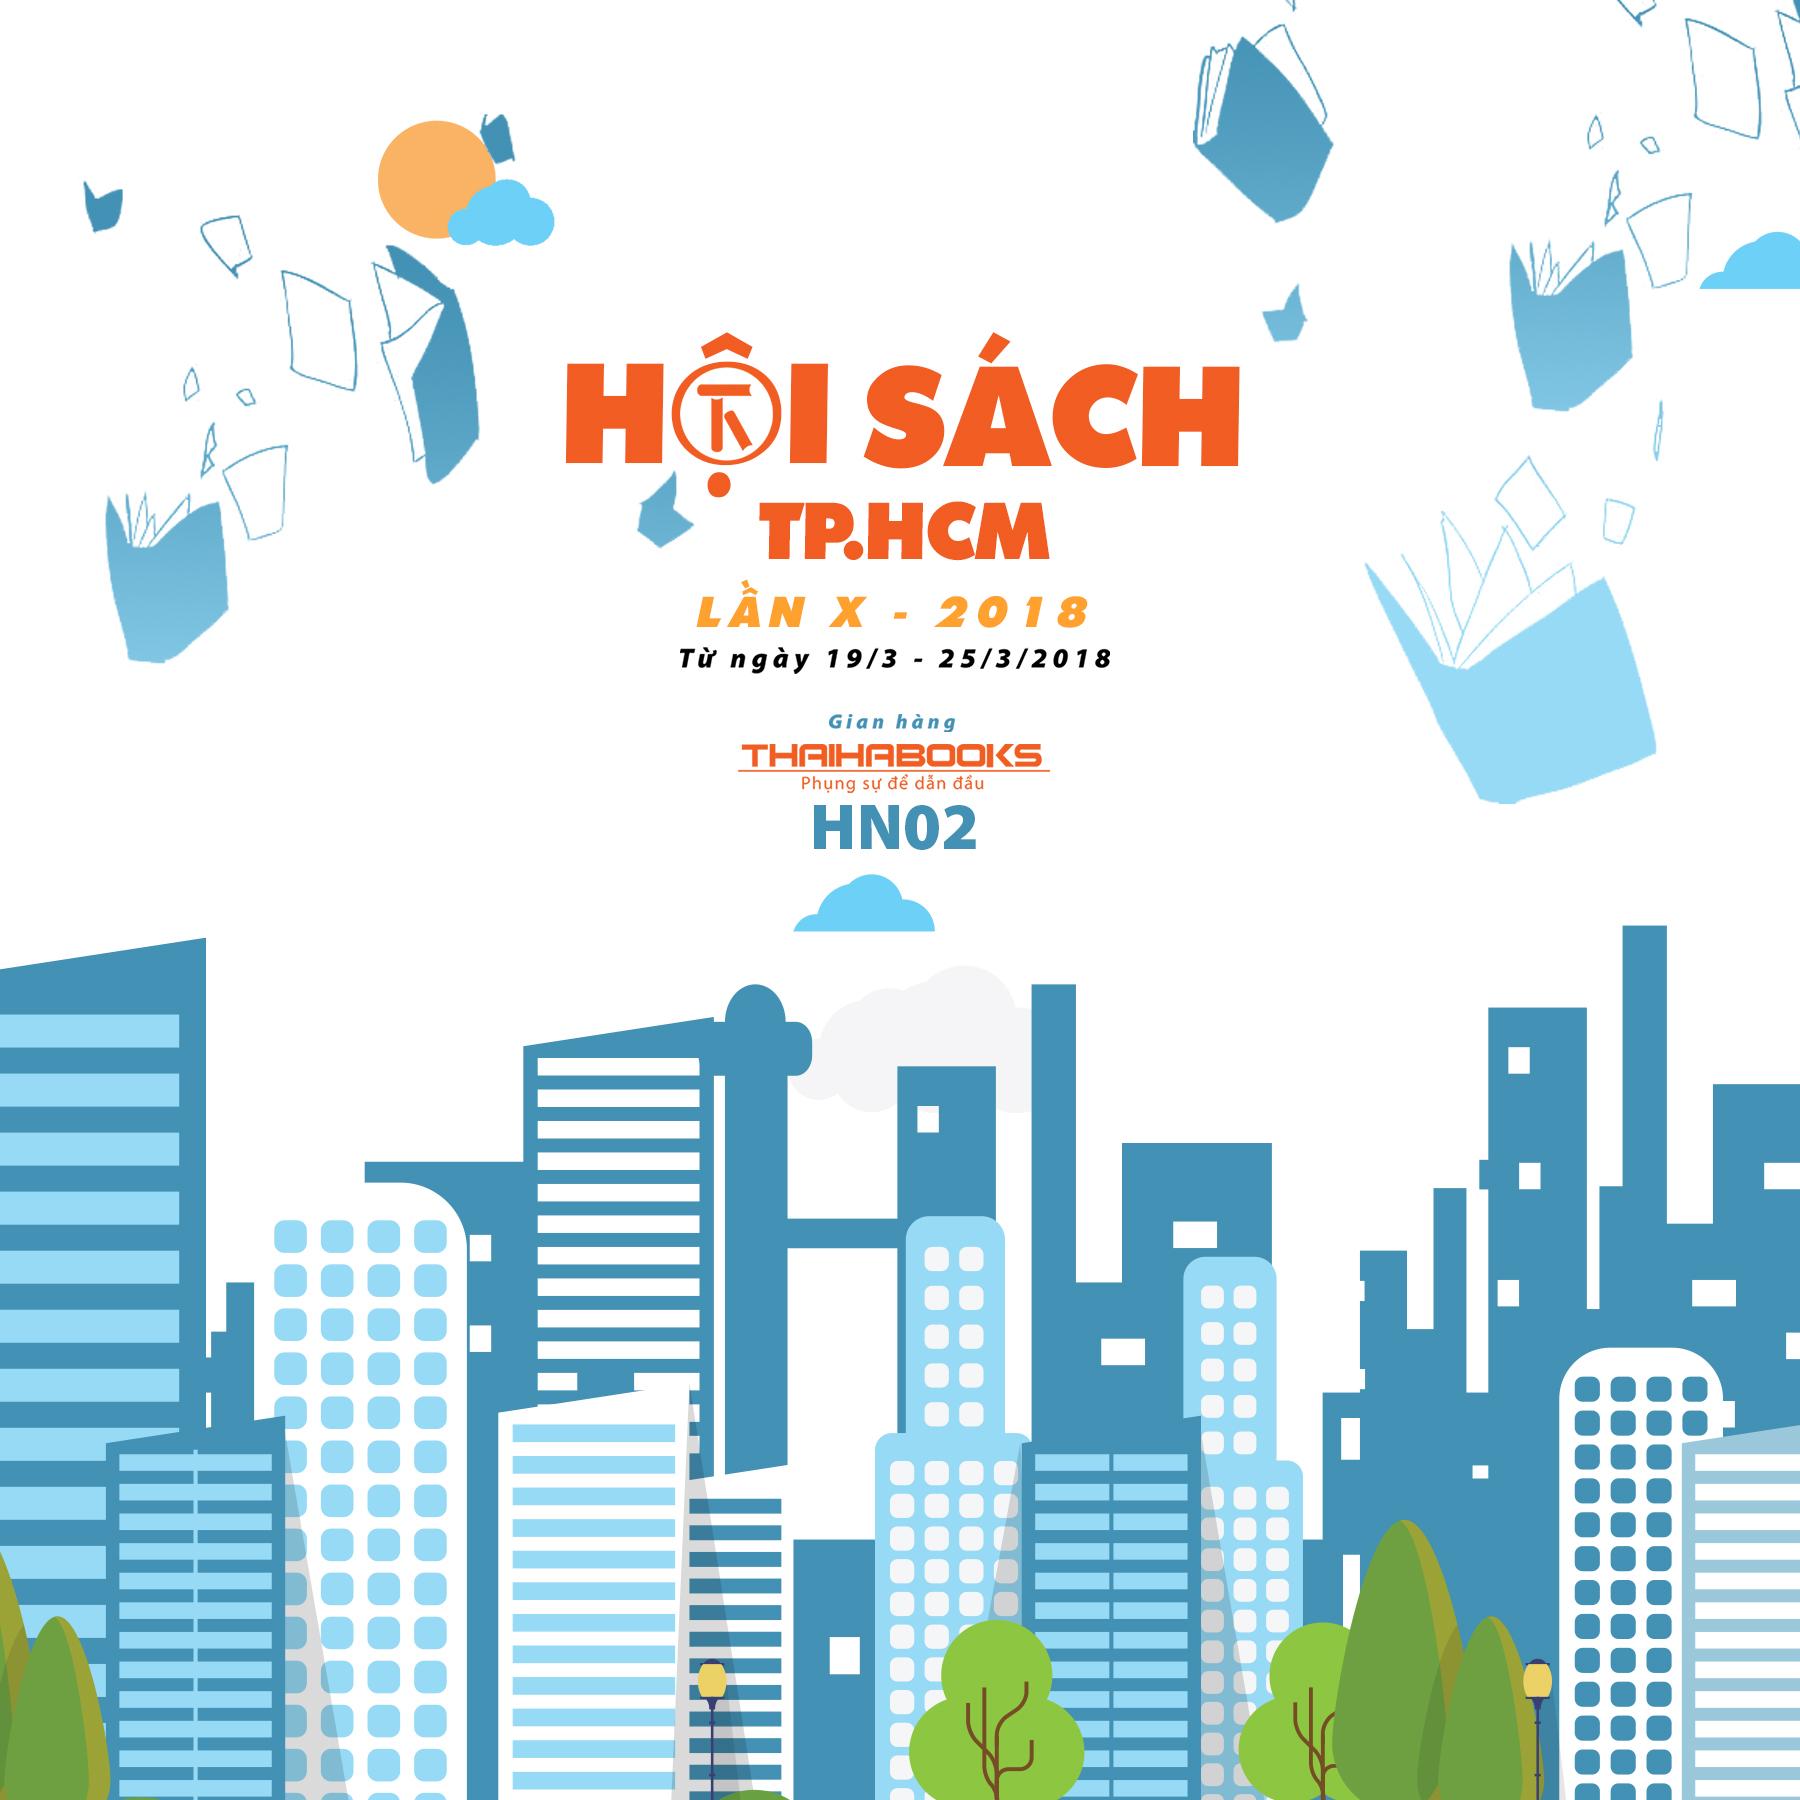 ThaiHaBooks HCM tham gia Hội sách Tp.HCM lần X/2018 từ 19/3 – 25/3